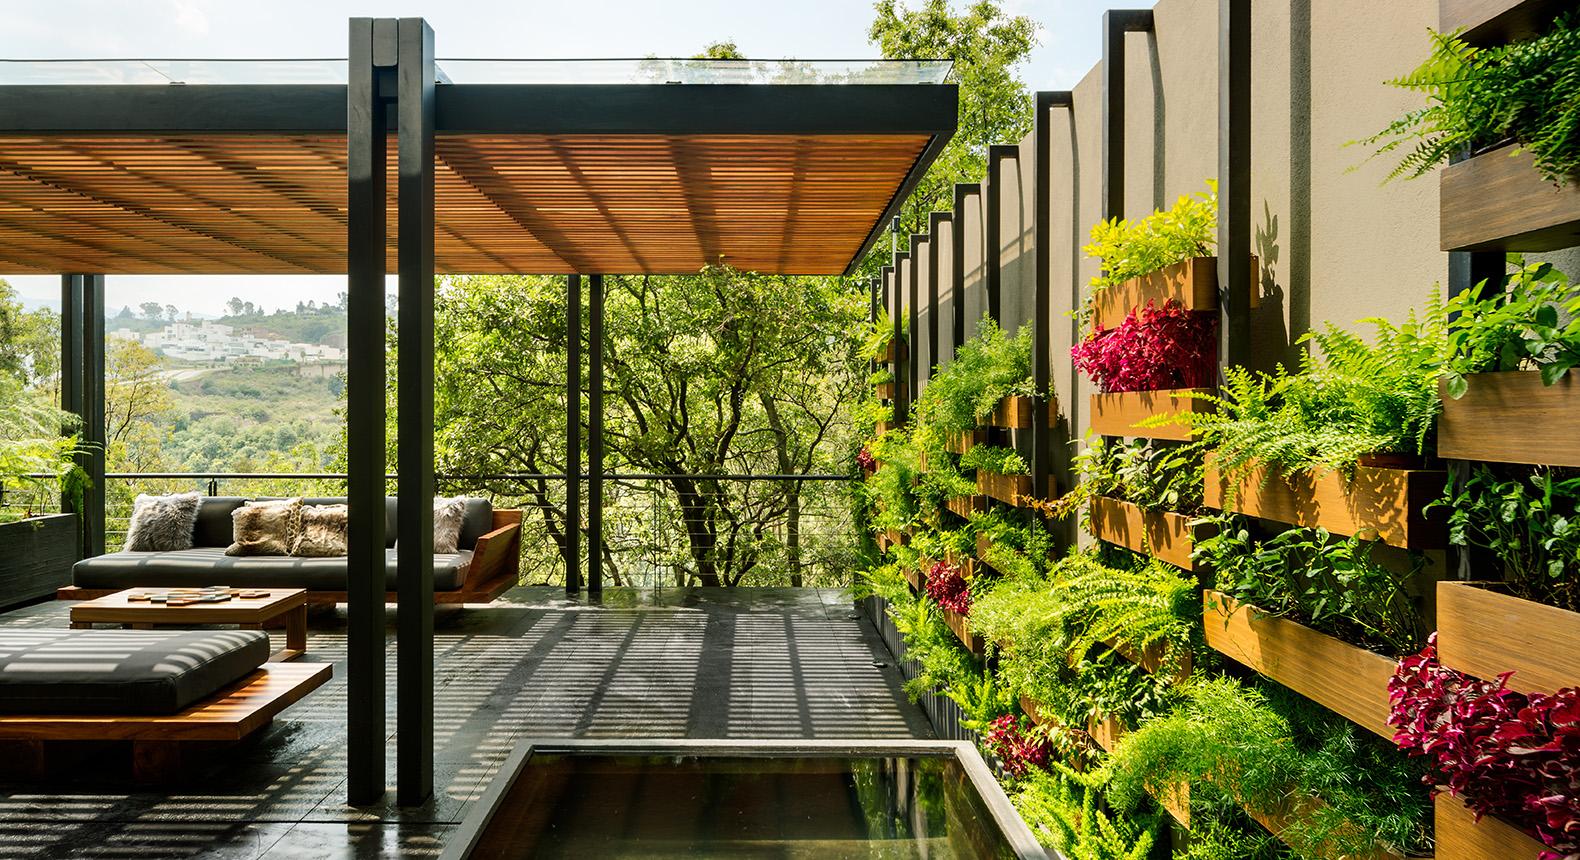 Ogród wertykalny w dżungli miejskiej 5